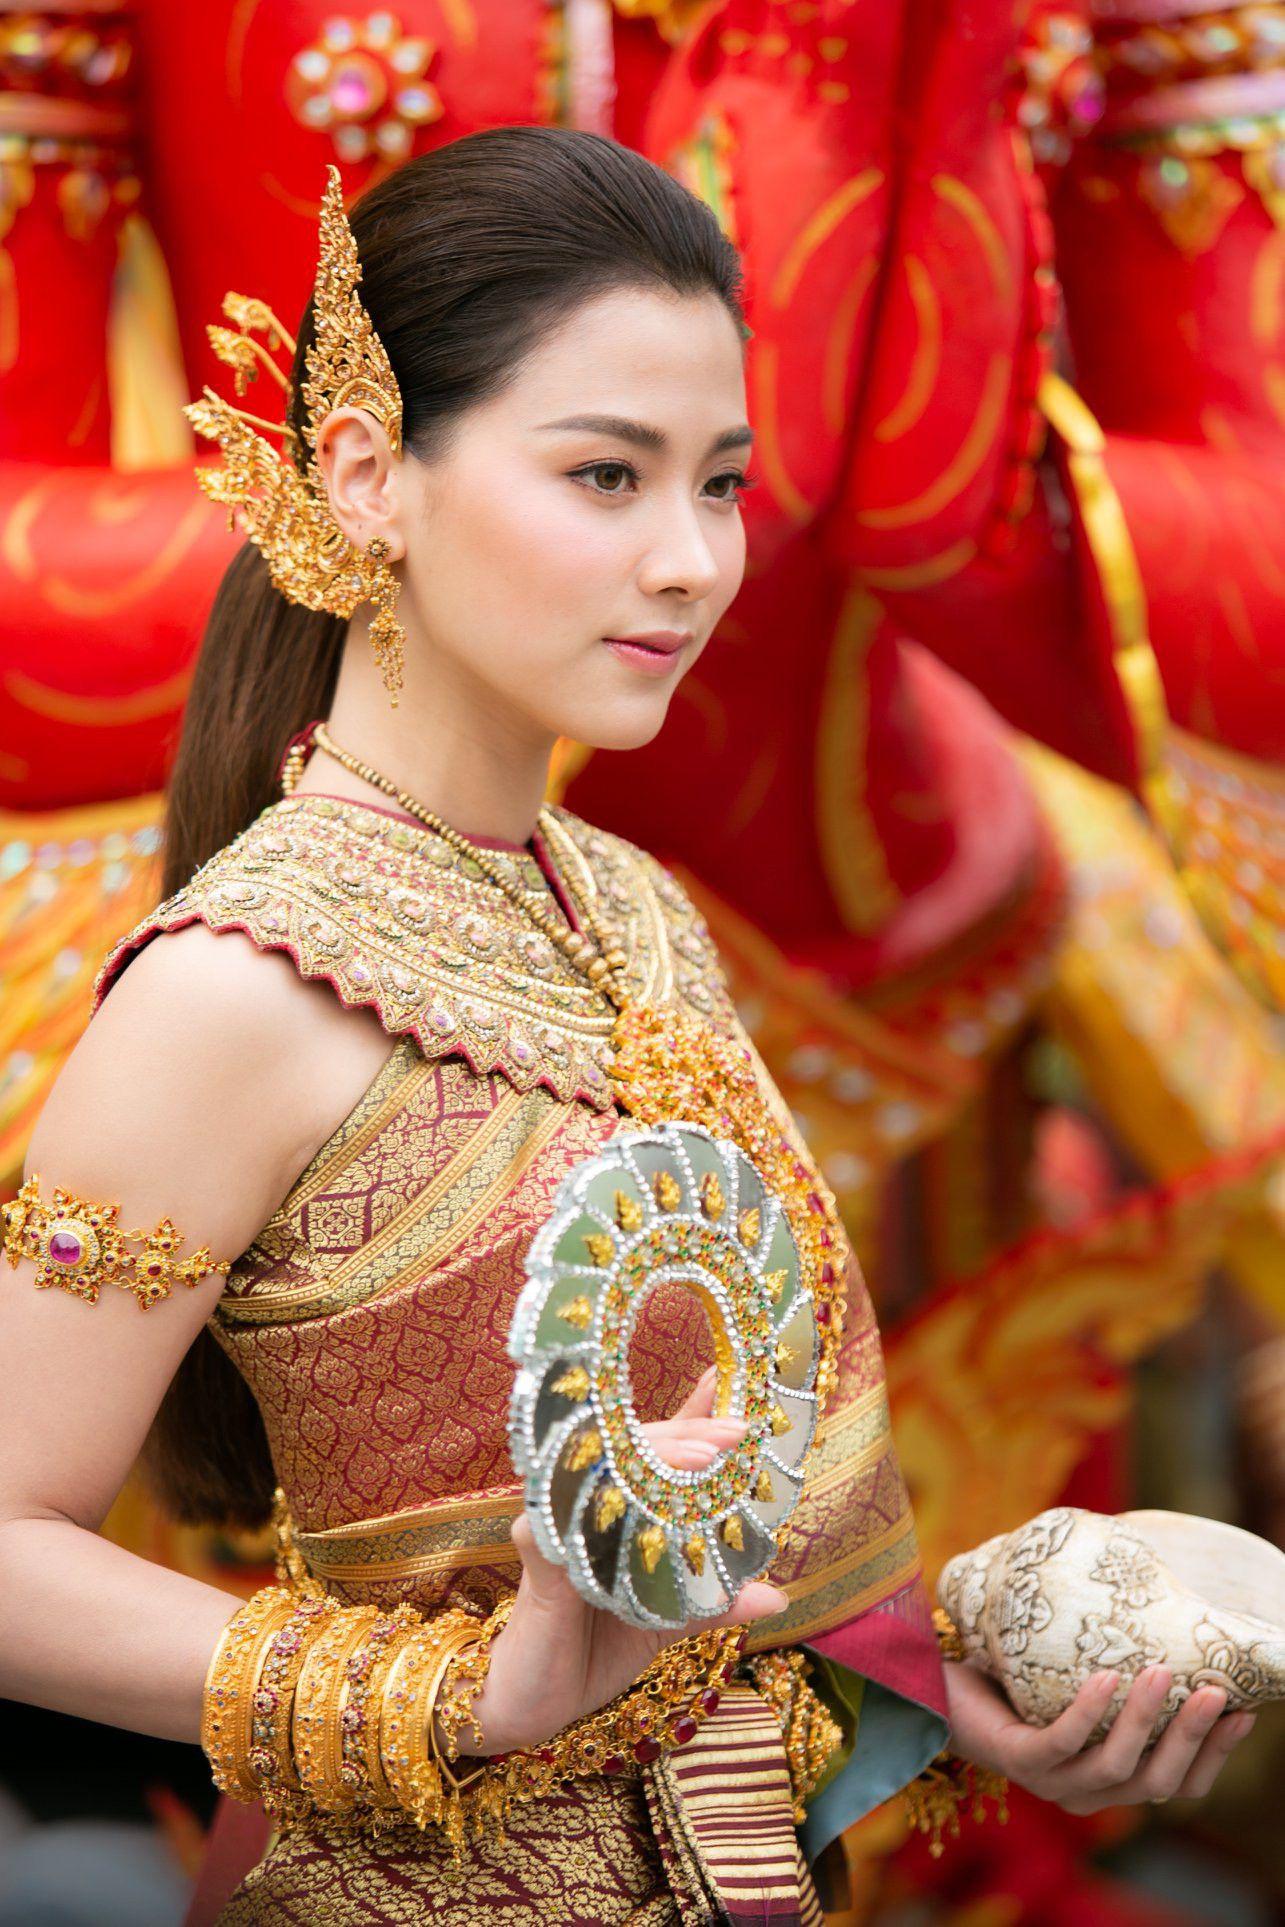 Ngắm nhăn sắc đỉnh cao của dàn mỹ nhân Tbiz khi hóa nữ thần tại Songkran 2019 (1)